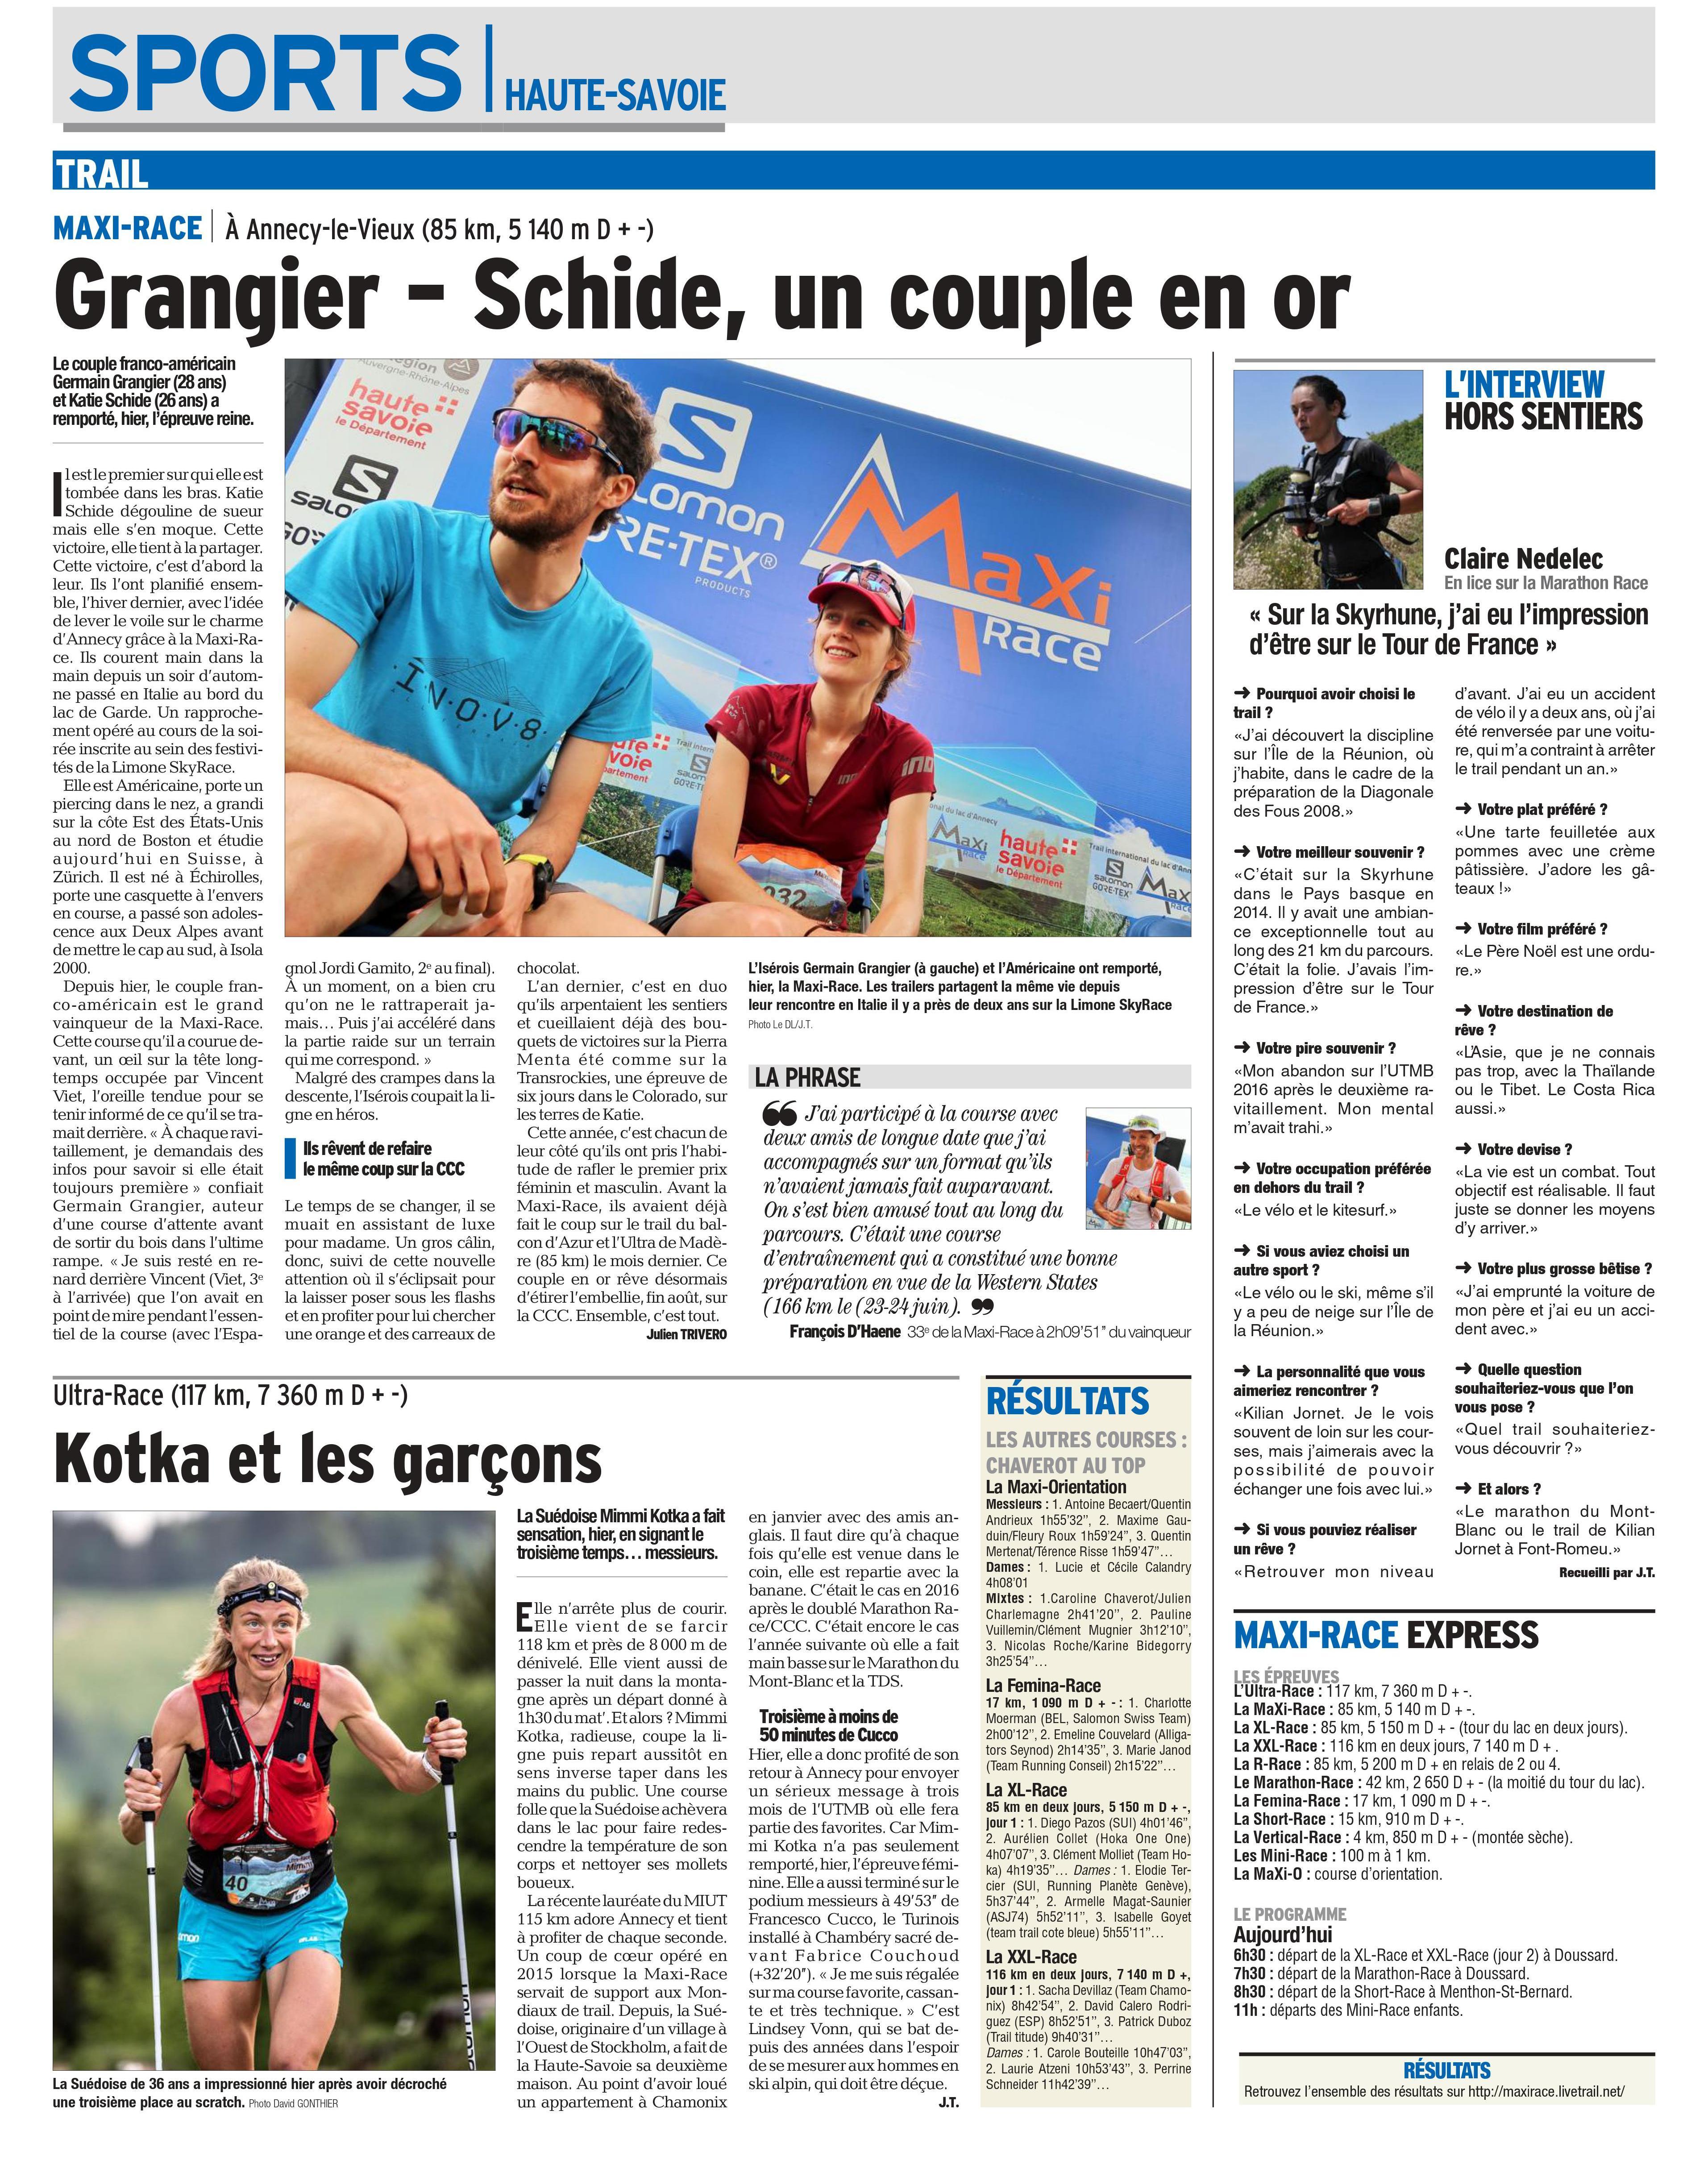 0001 1 1 - RESULTATS (et articles du Dauphiné Libéré) DE LA MAXI RACE 26/27-2018 (ANNECY 74)